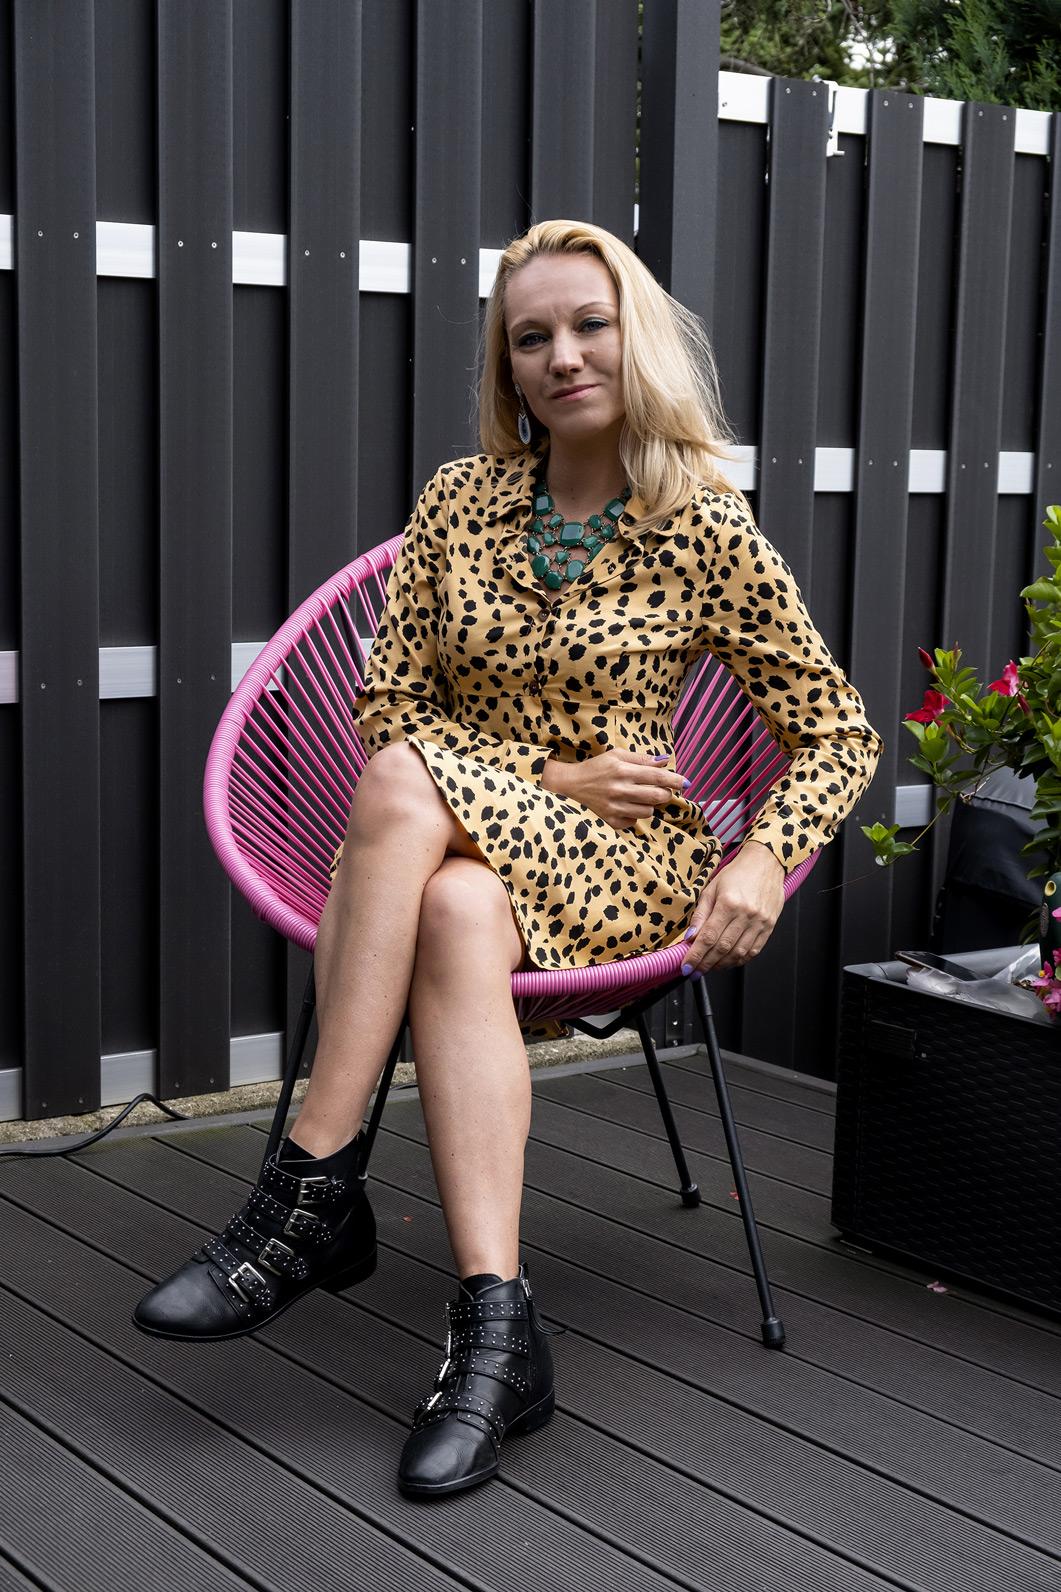 Für Dress Lover wie Bloggerin Franny Fine kann es im Herbst nicht besser laufen: Nicht zu warm, nicht zu kalt - genau richtig, um all den hippen Kleider Trends gerecht zu werden. Mit dem Skaterkleid von Wednesday Girl können zumindest auch im Herbst noch modische Akzente gesetzt werden | Hot Port Life & Style | 30+ Style Blog